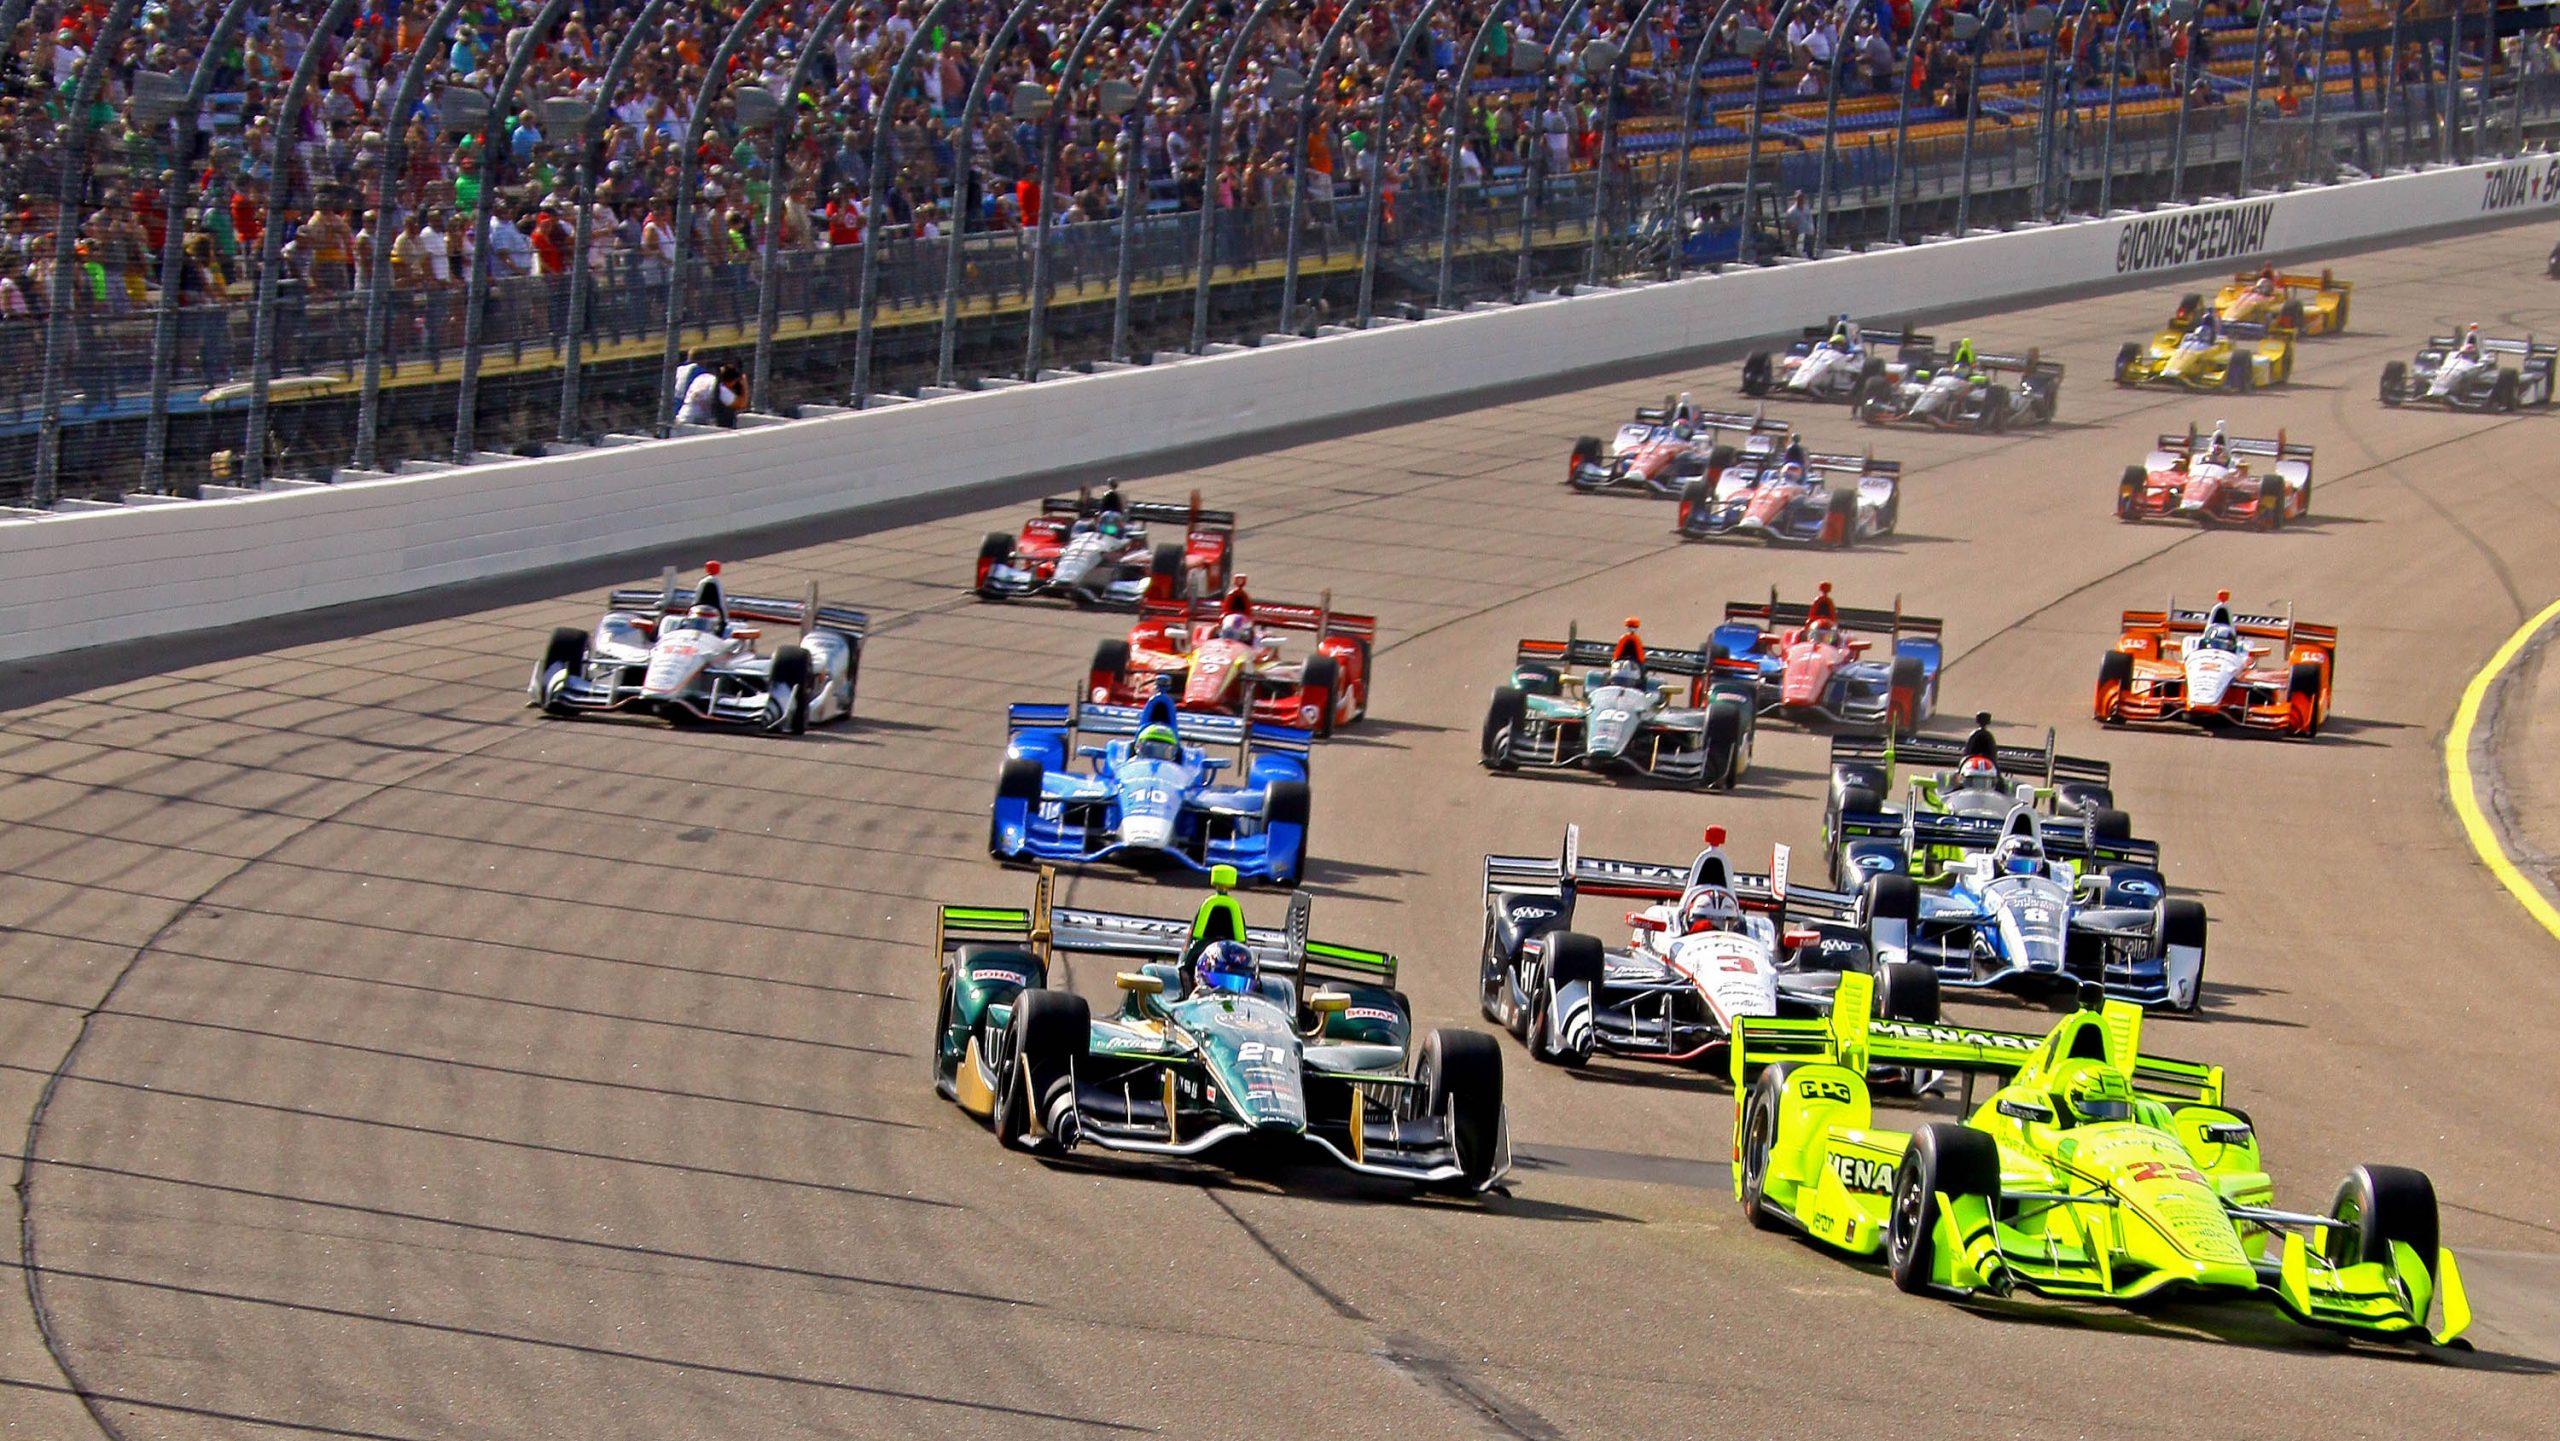 Indy speedway